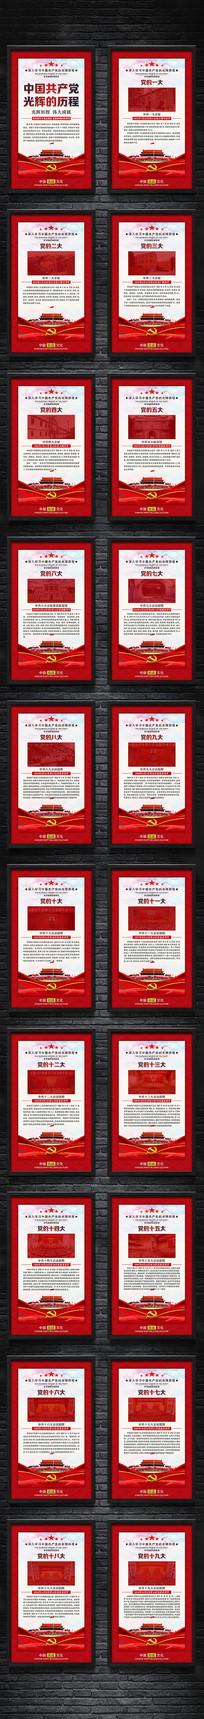 整套中国共产党的光辉历程挂图